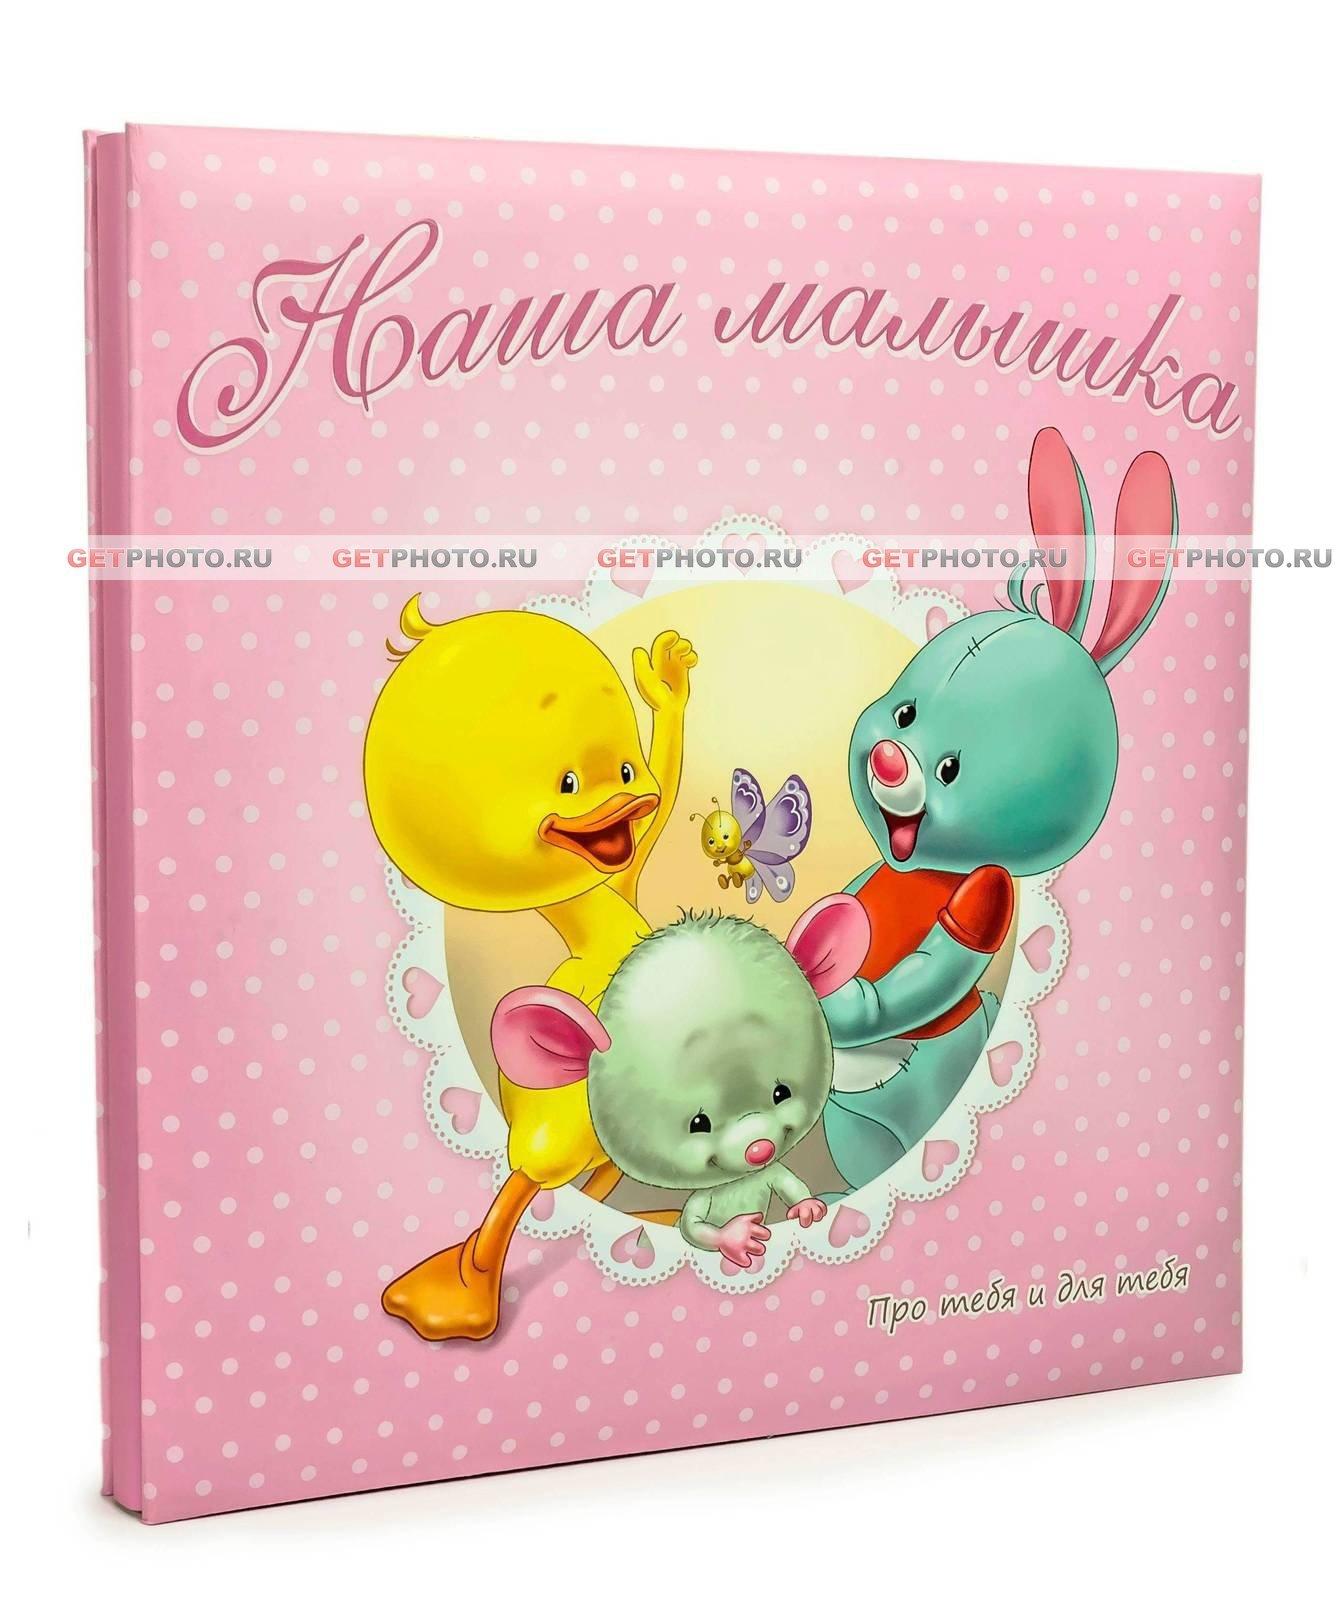 Детский фотоальбом-книга с магнитными листами, 60 страниц 26х32, скрапбук, альбом для фотографий и записей, наша малышка GF 3681